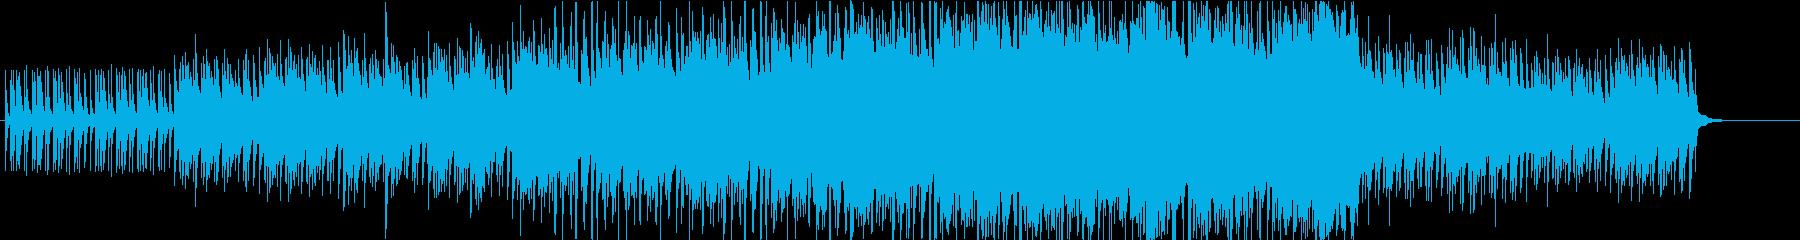 5月に吹く風をイメージした爽やかな曲_短の再生済みの波形